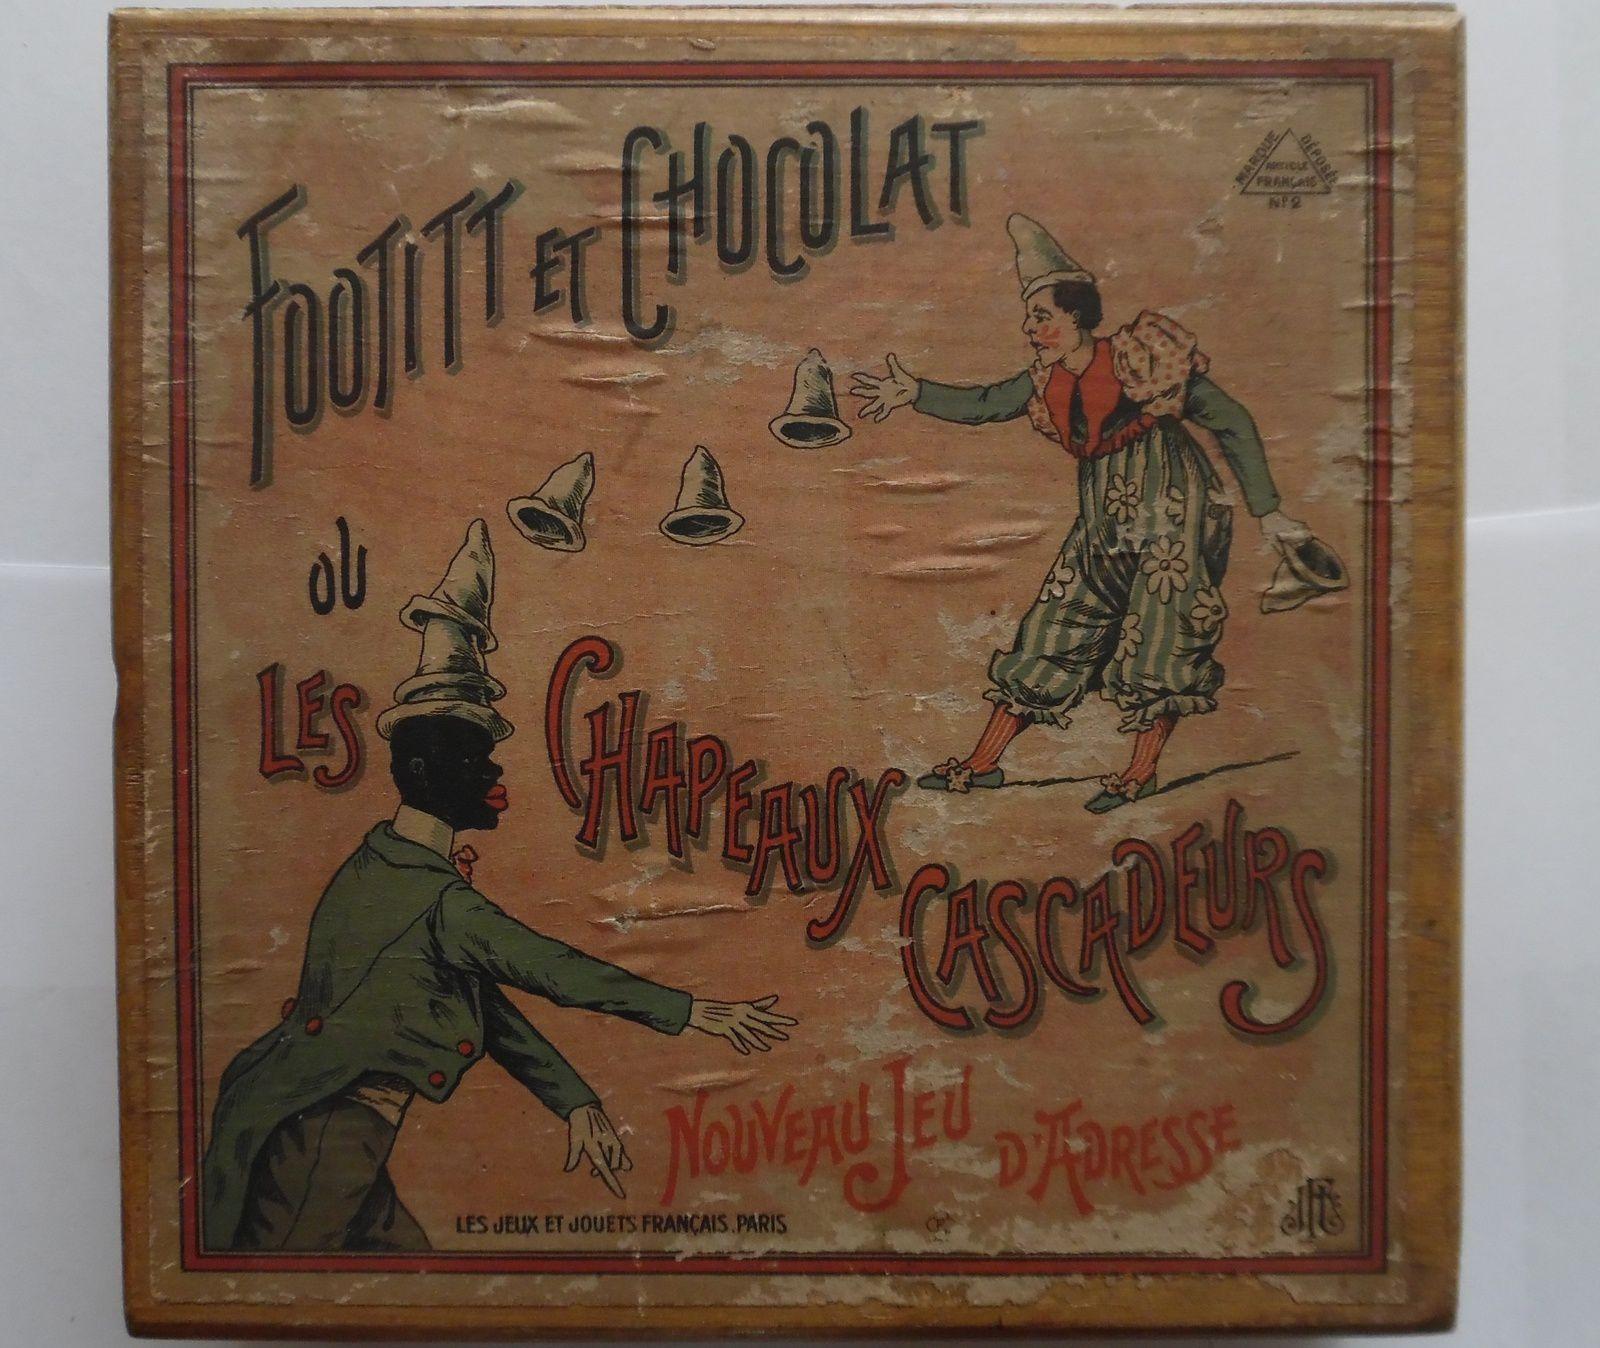 Footitt et Chocolat, par JJF